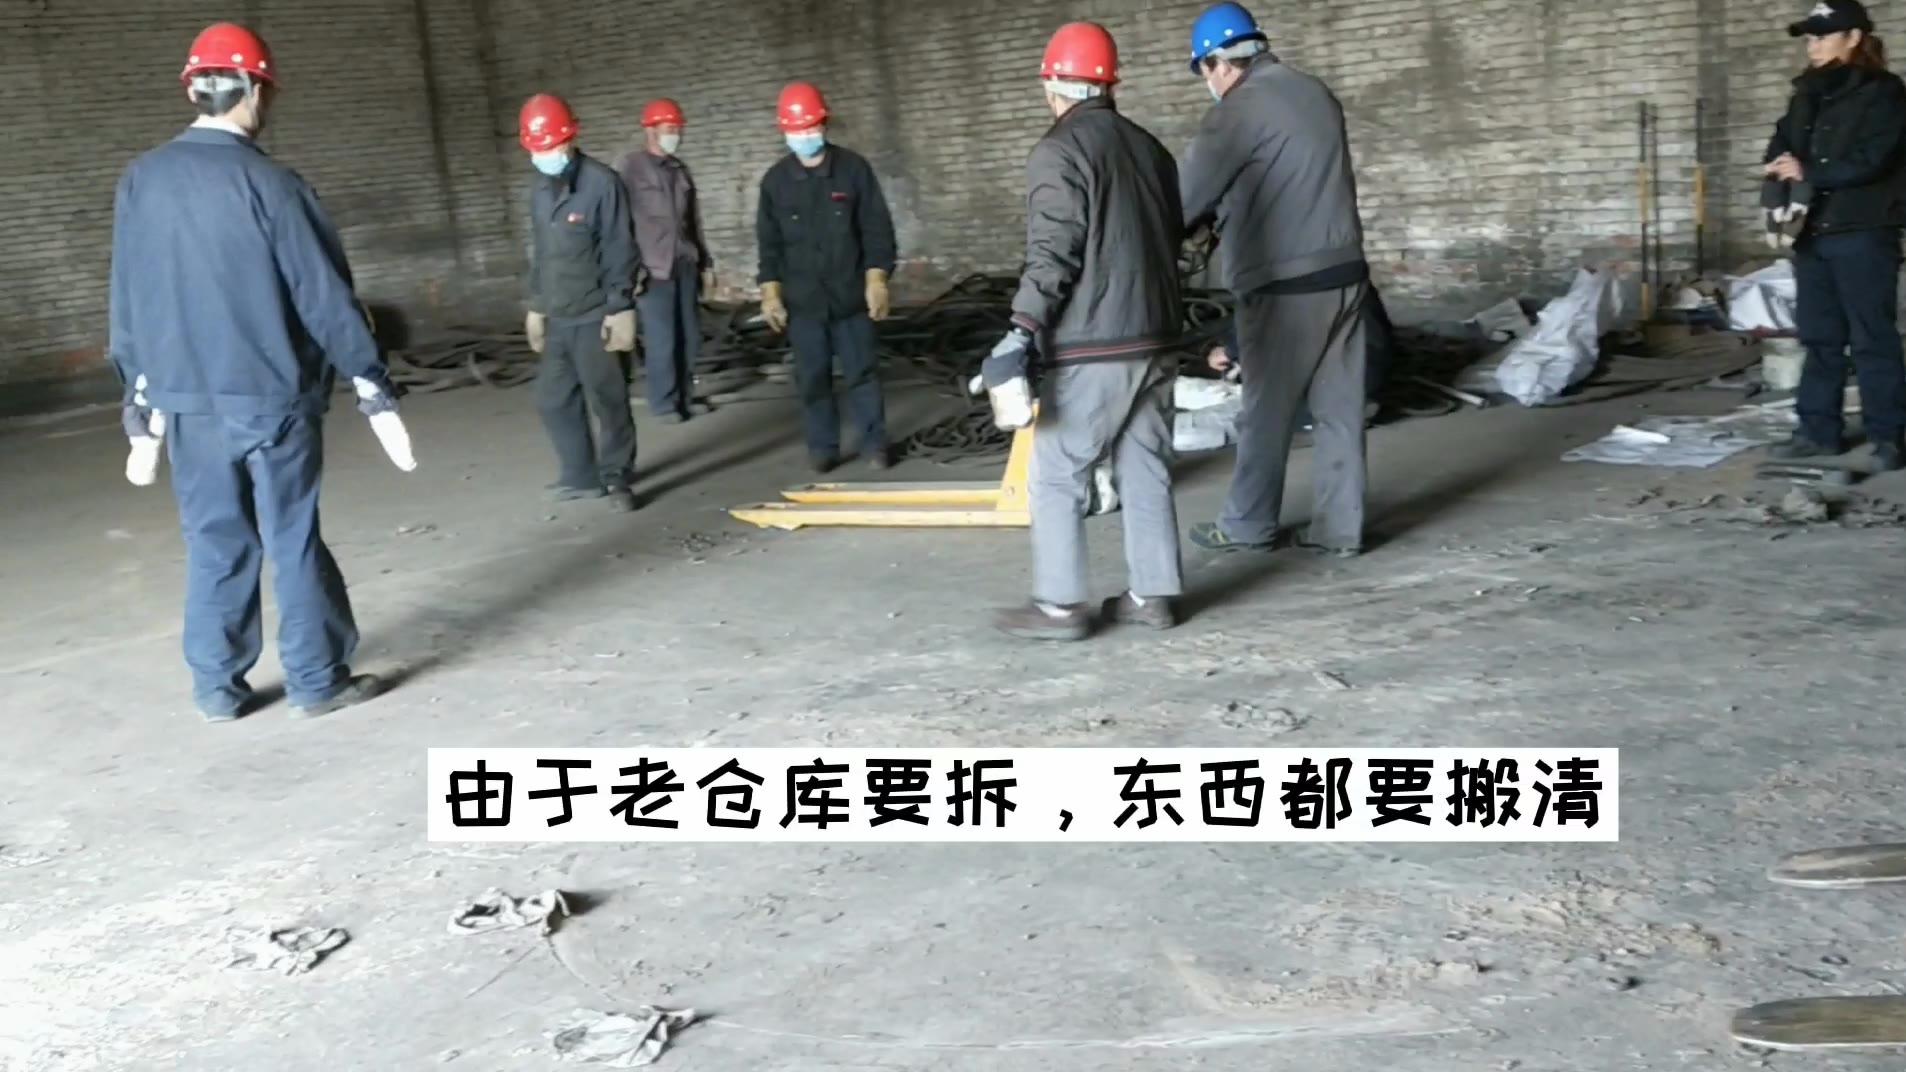 中国的工人有力量!你一定不知道一个普通工人的日常竟然是这样的!